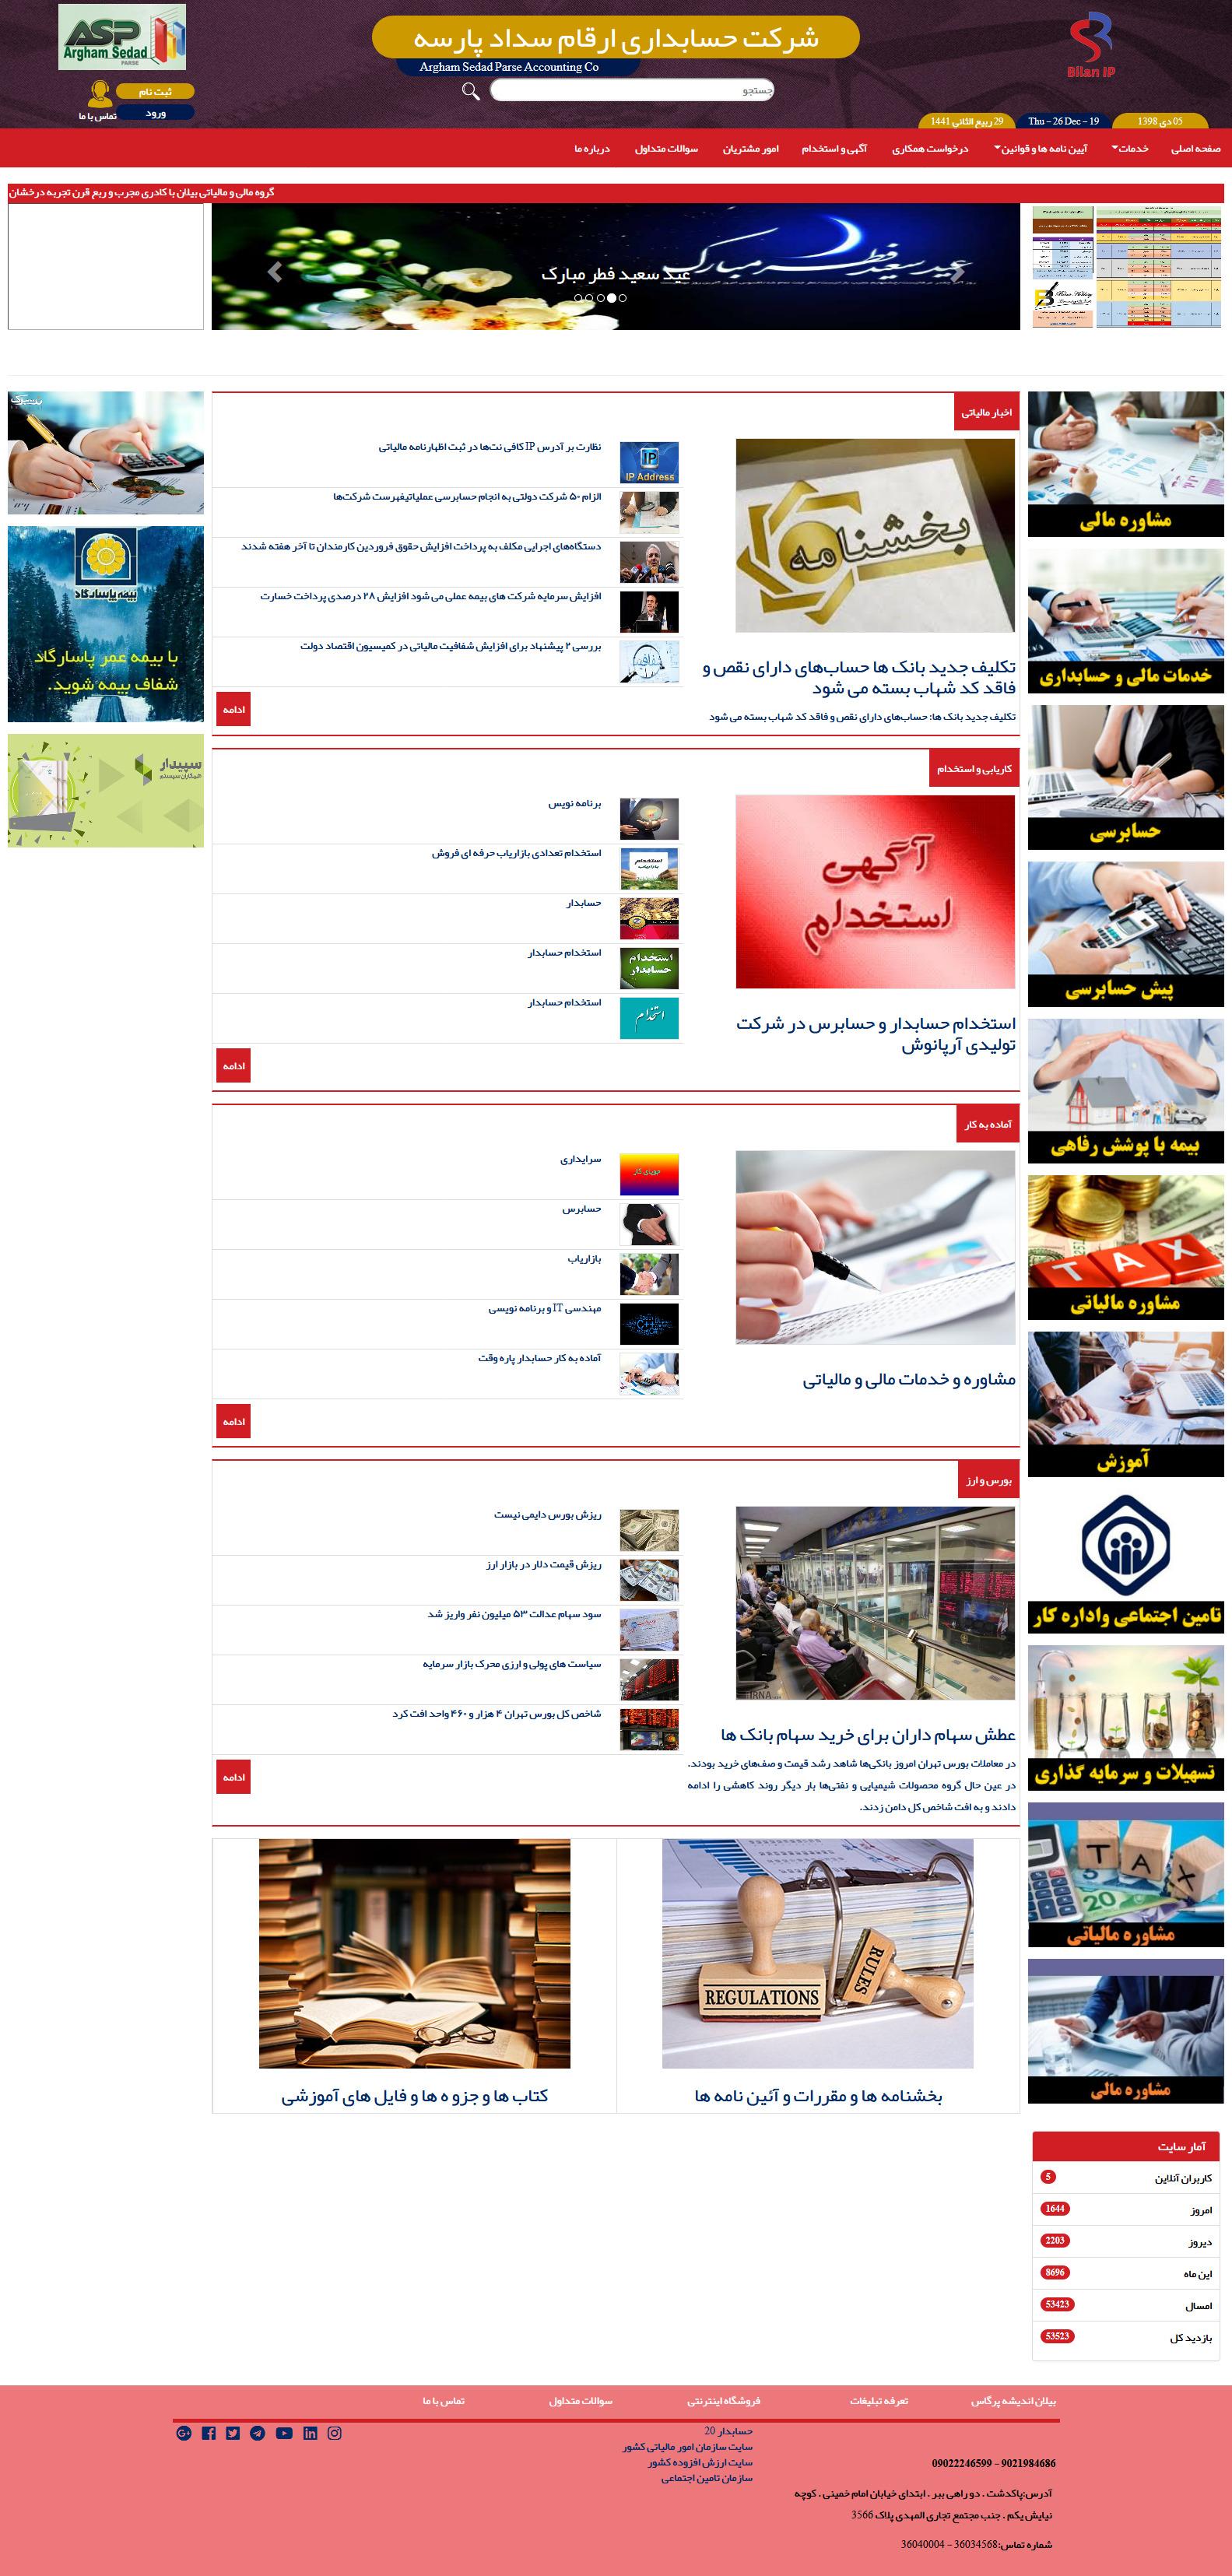 طراحی سایت خدمات حسابداری و مالیاتی پارسه